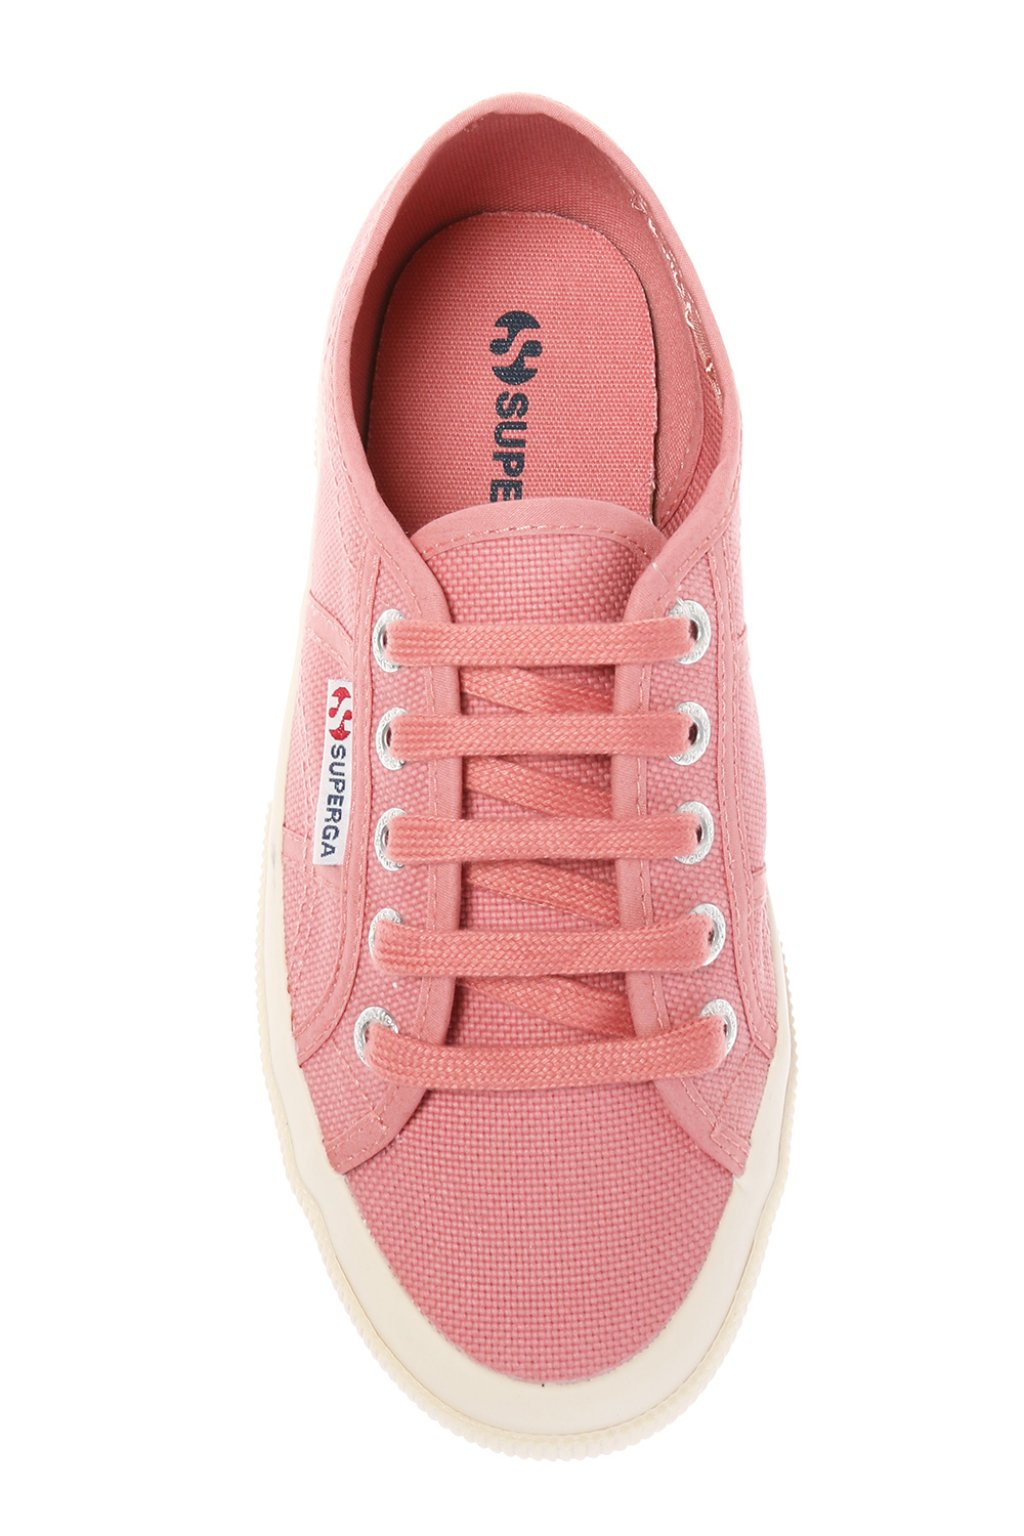 Superga 'Cotu Classic' sneakers